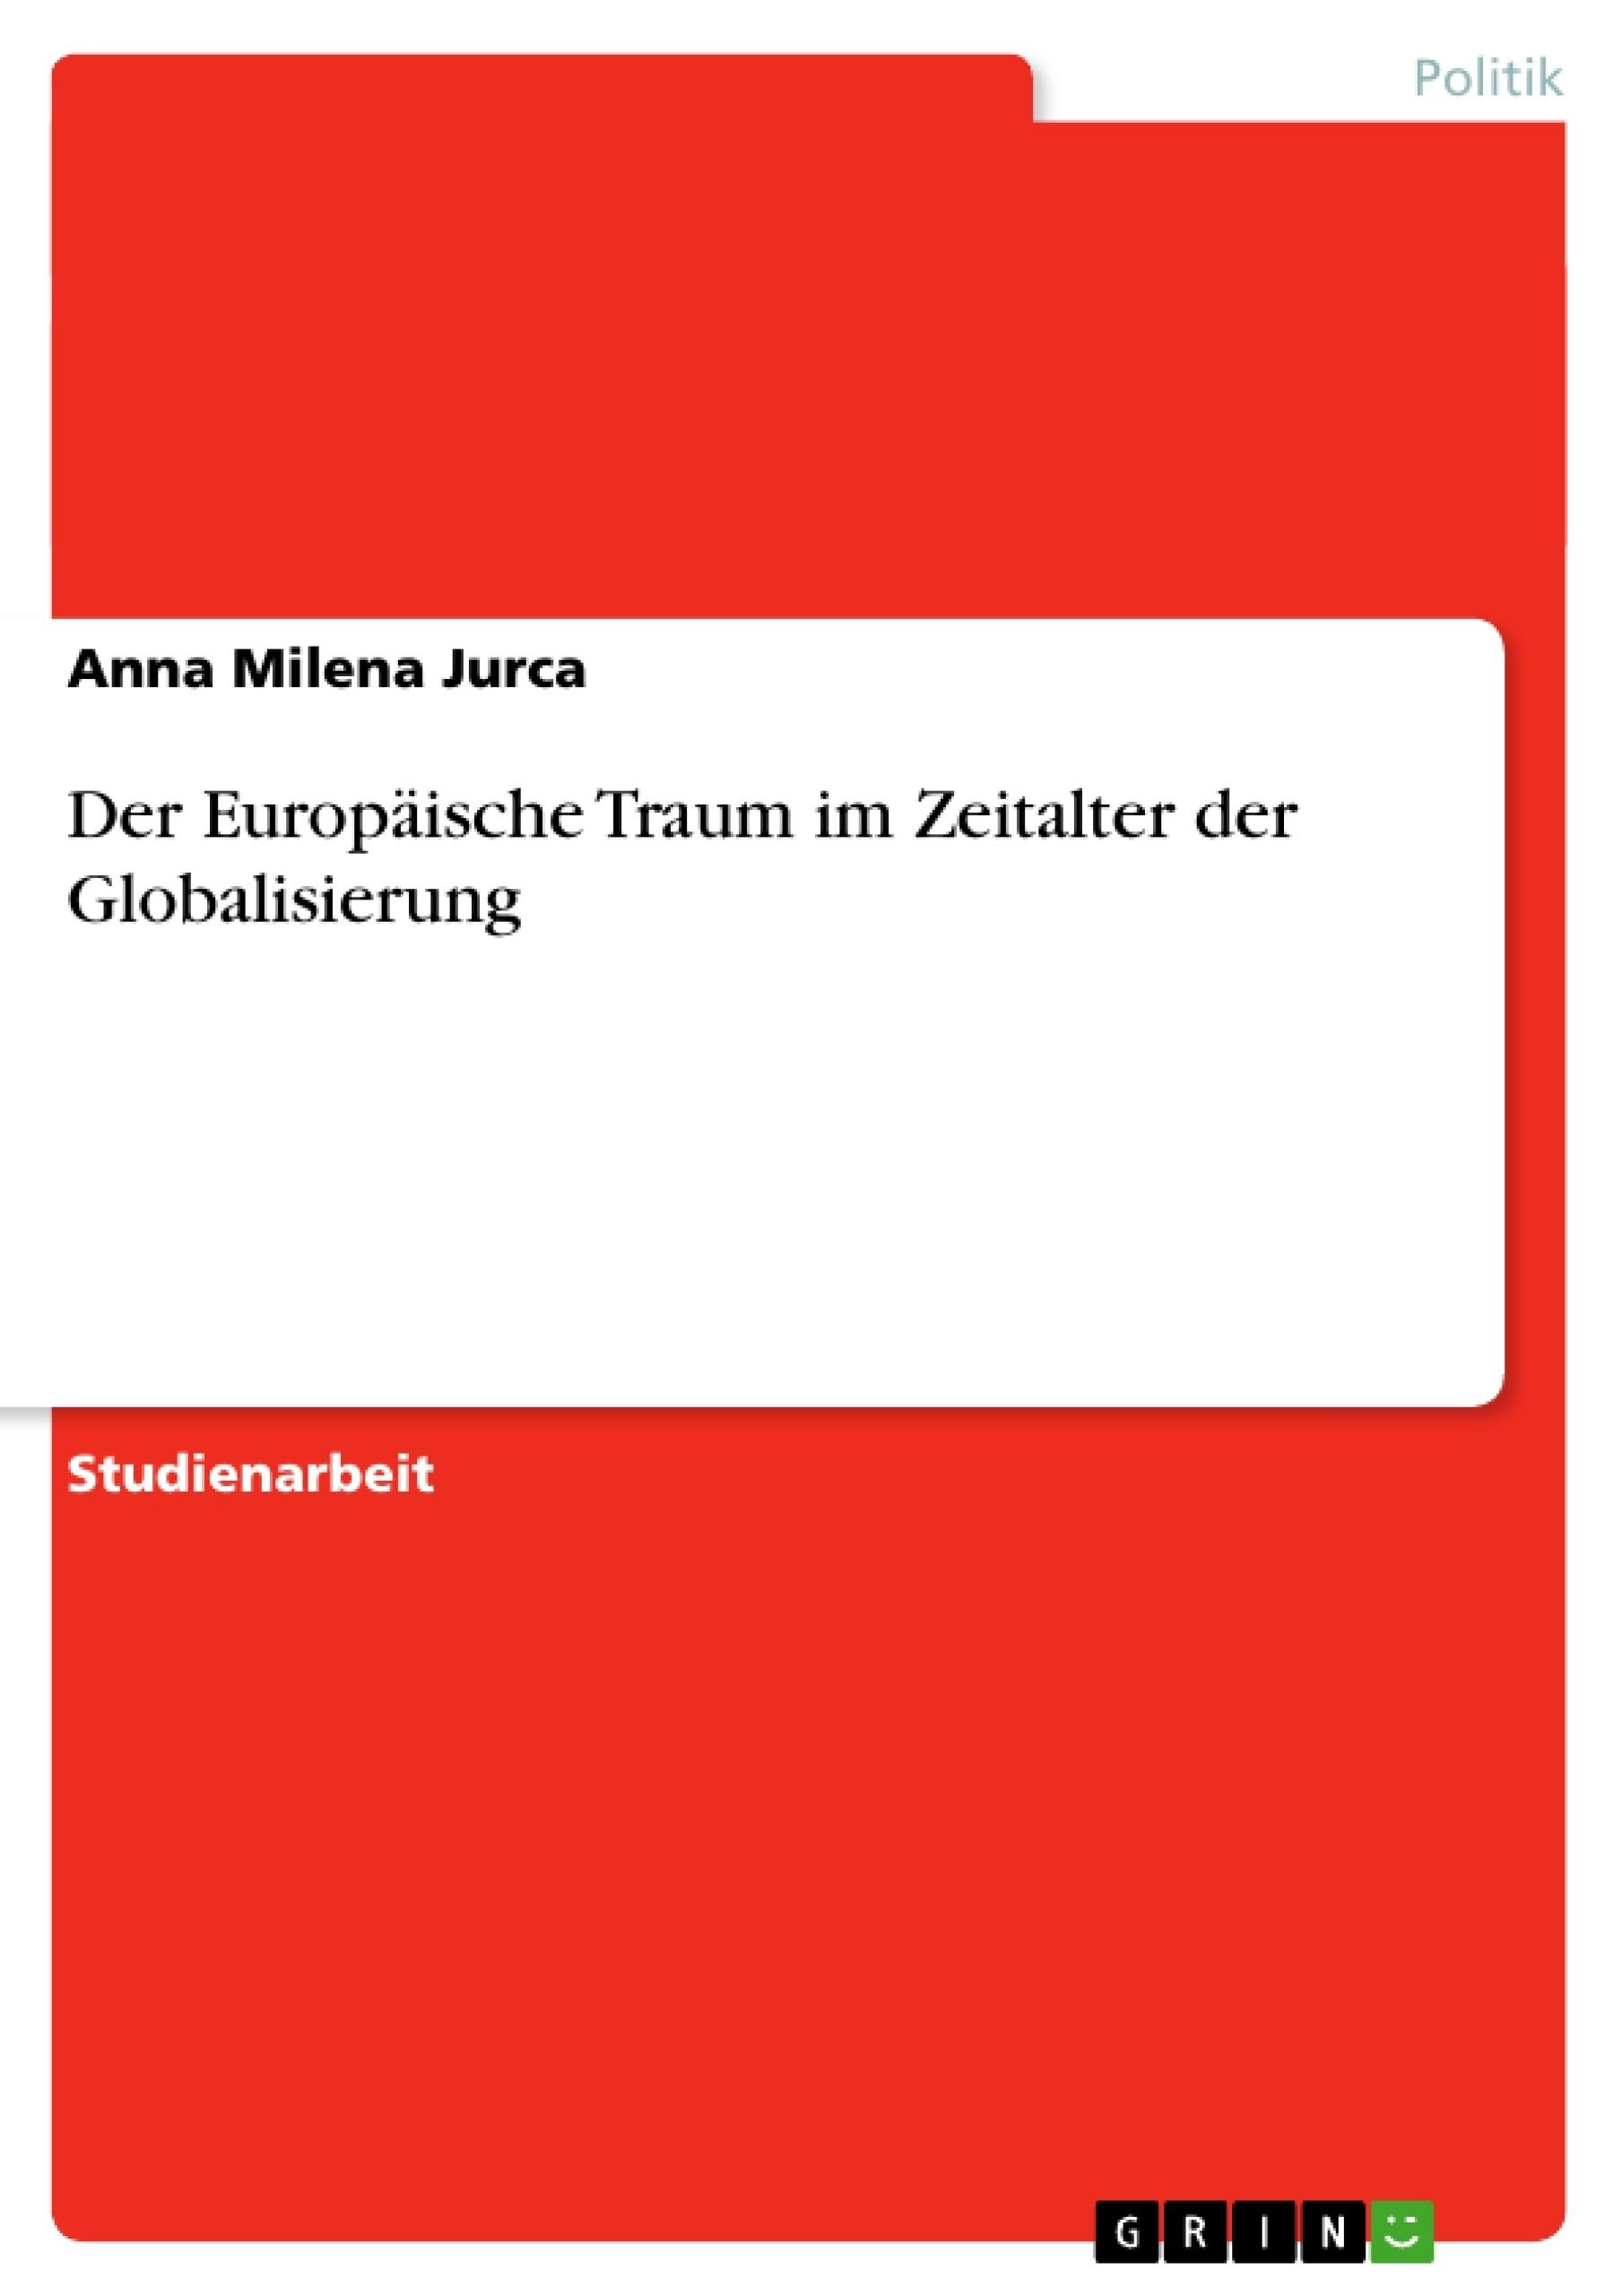 Titel: Der Europäische Traum im Zeitalter der Globalisierung